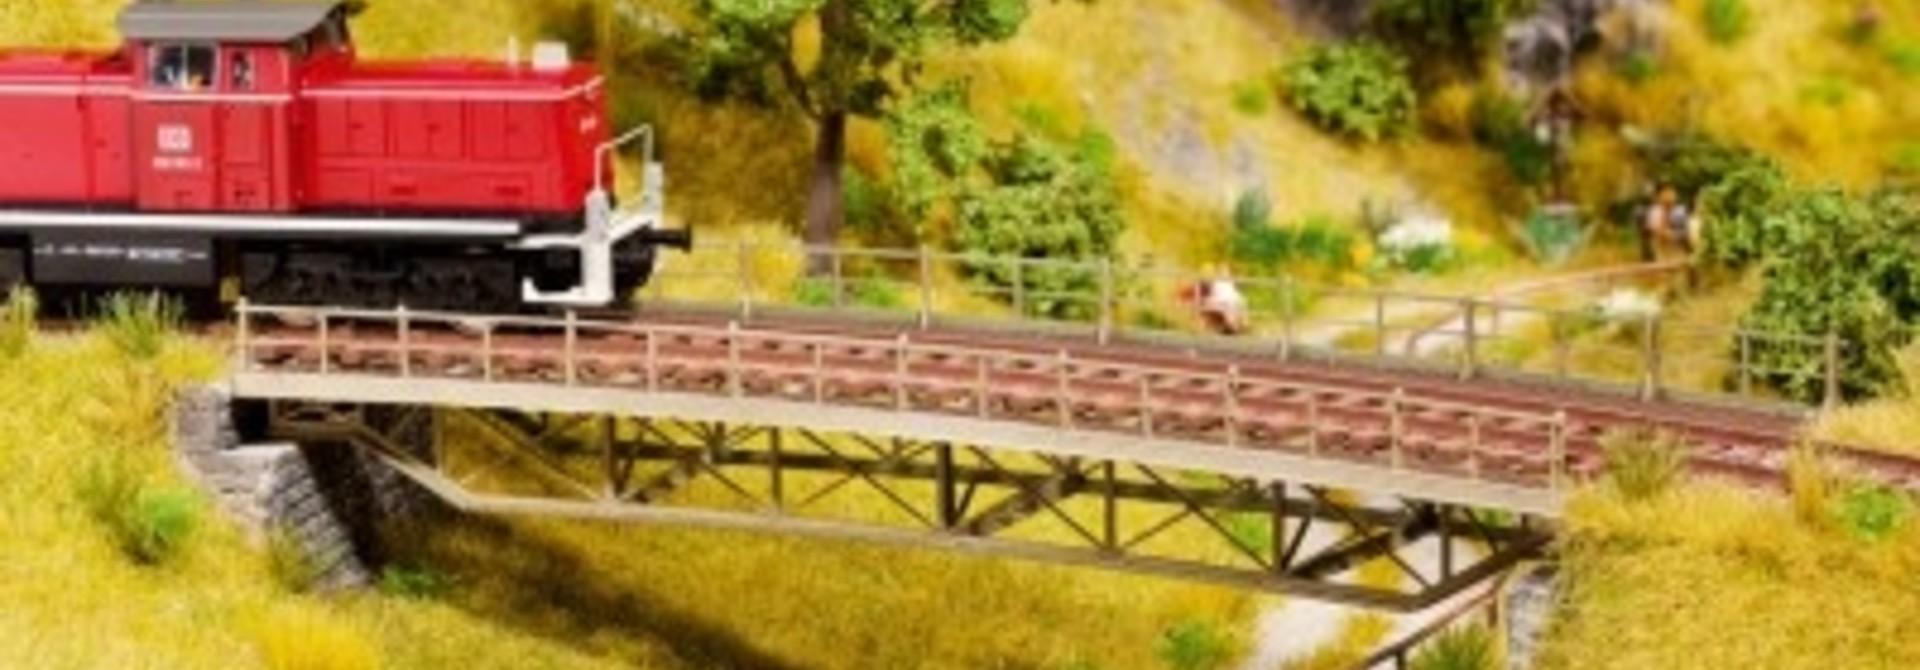 67026   Brückenfahrbahn, gebogen